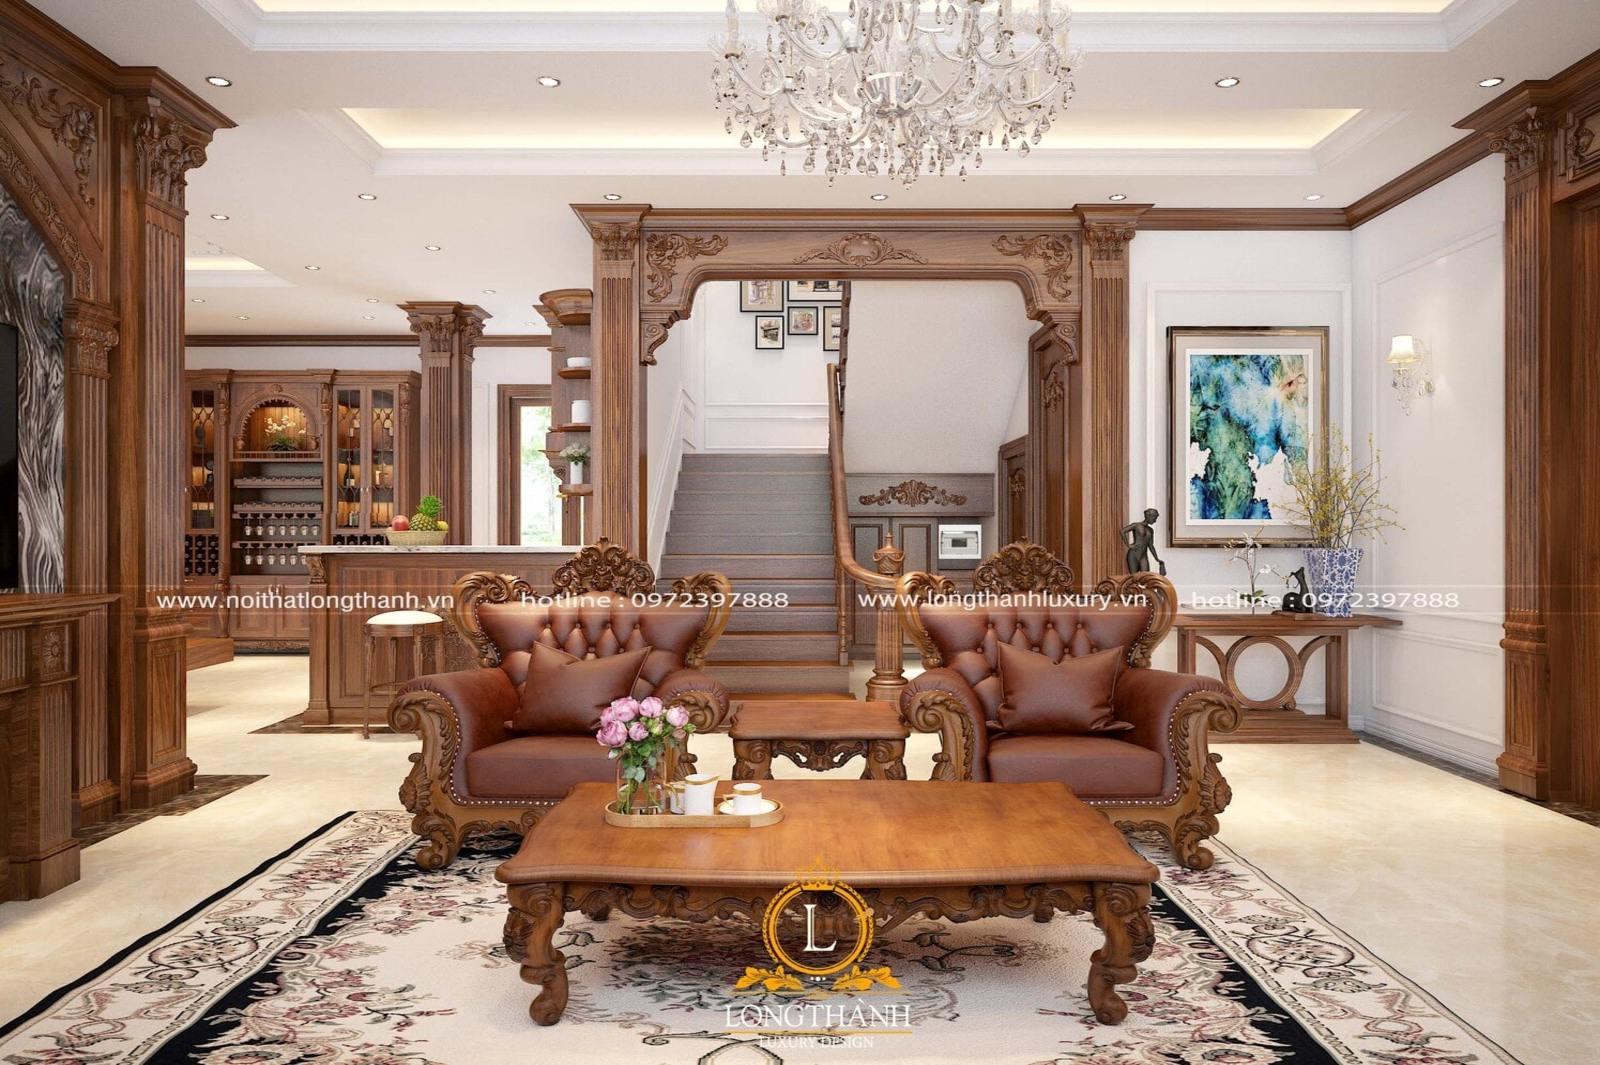 Phòng khách tân cổ điển LT04